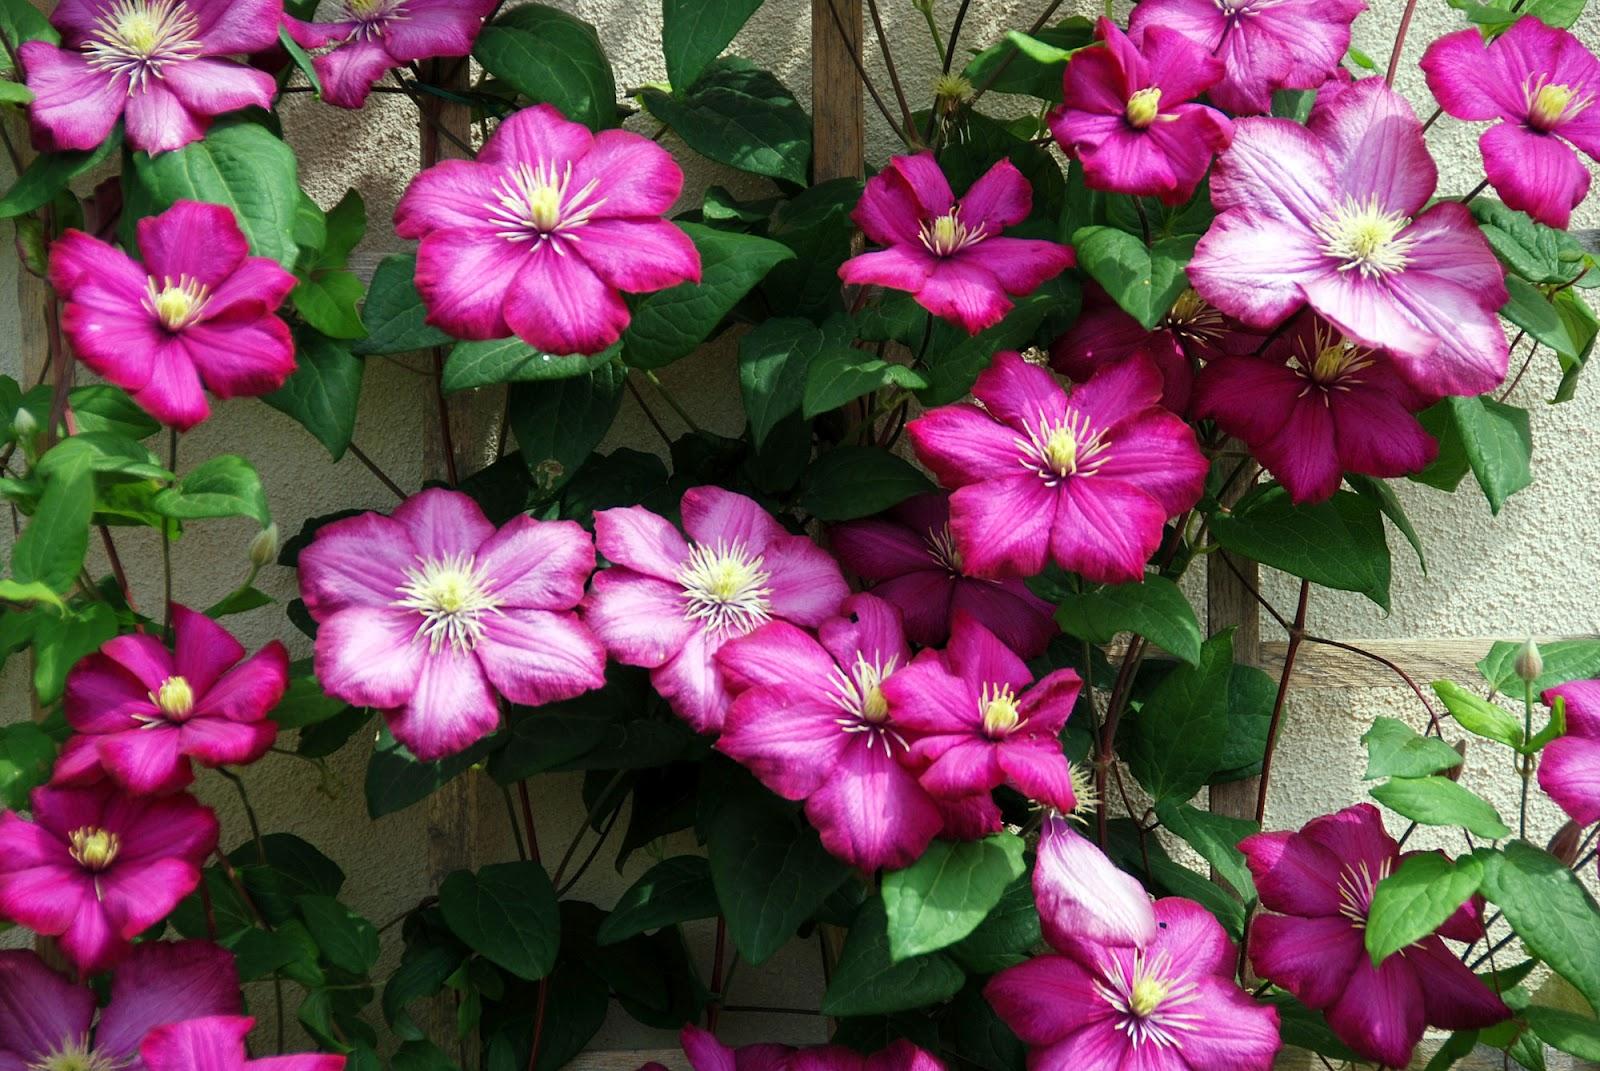 Fiori perenni da esterno pieno sole interesting fiori for Fiori perenni pieno sole